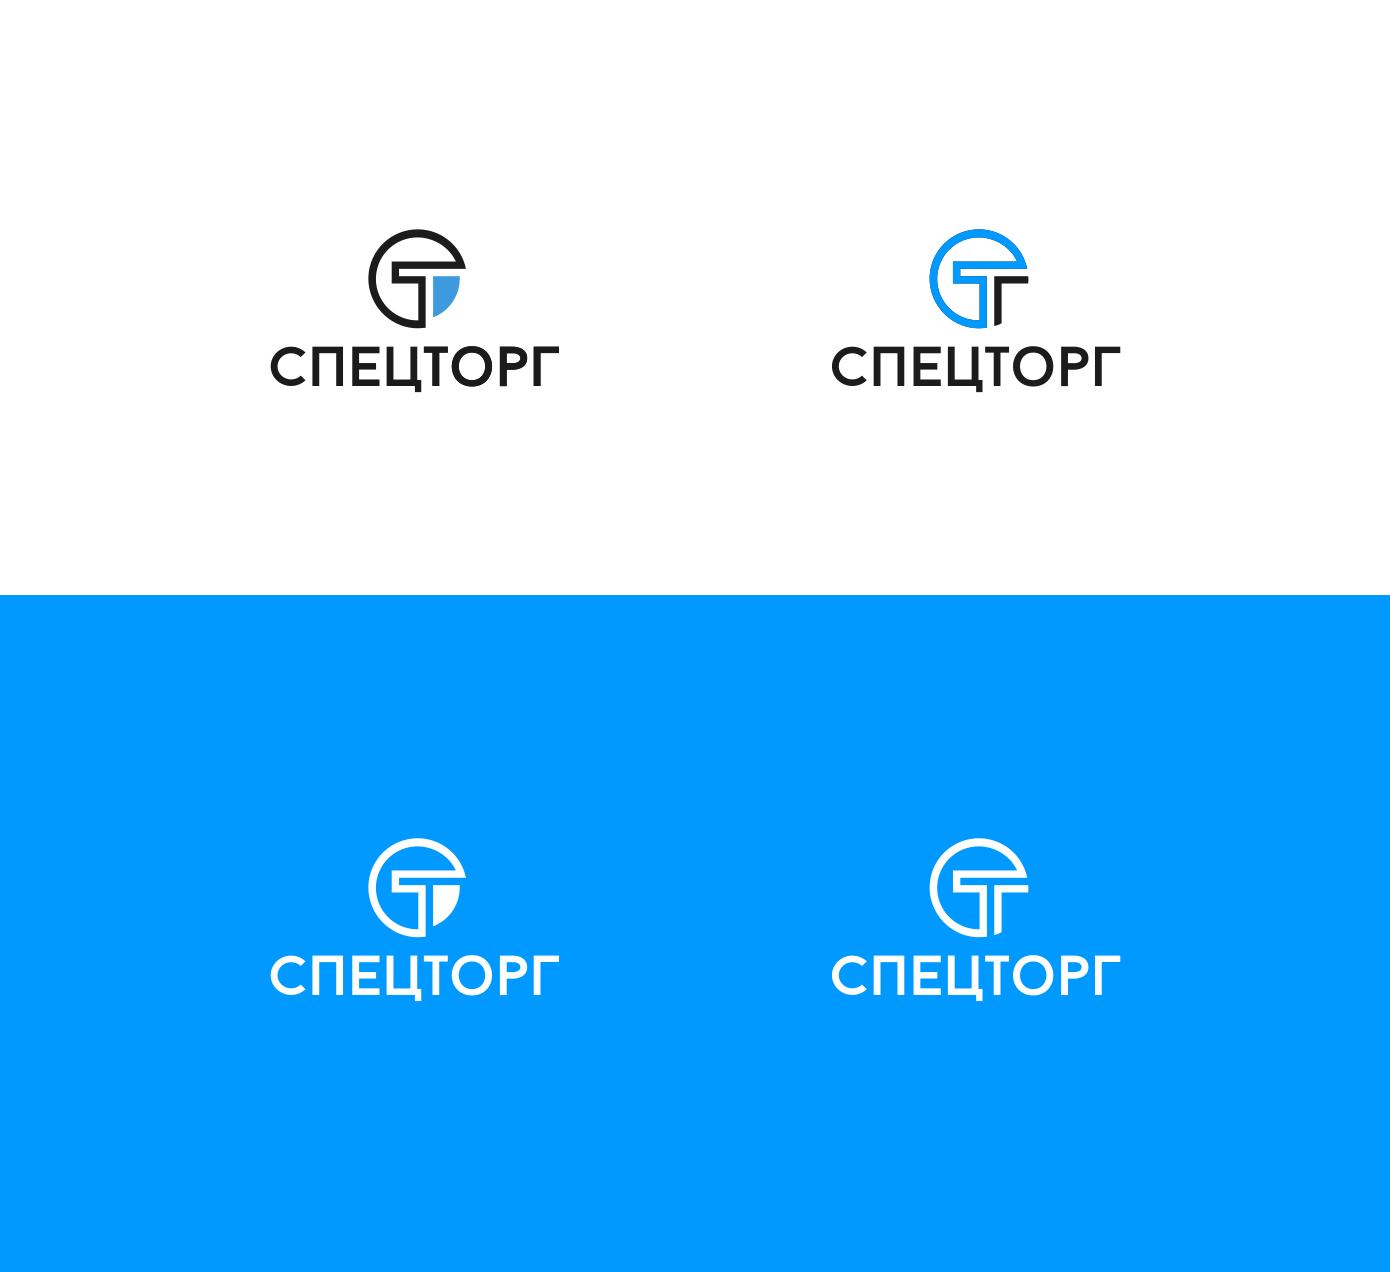 Разработать дизайн  логотипа компании фото f_3515dc29d443d0a5.png